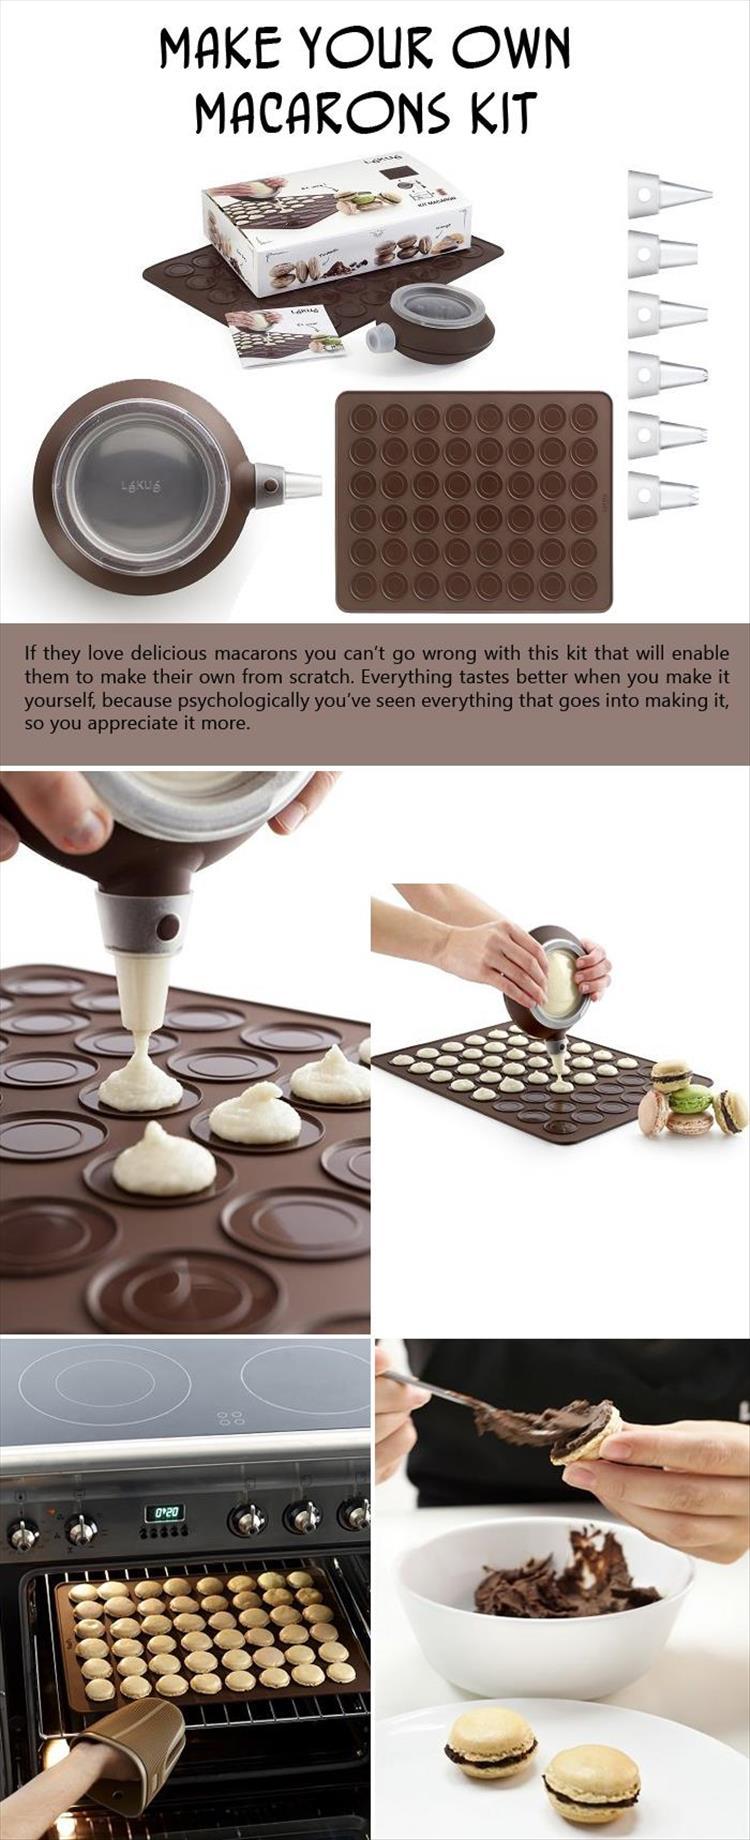 Make Your Own Macarons Kit